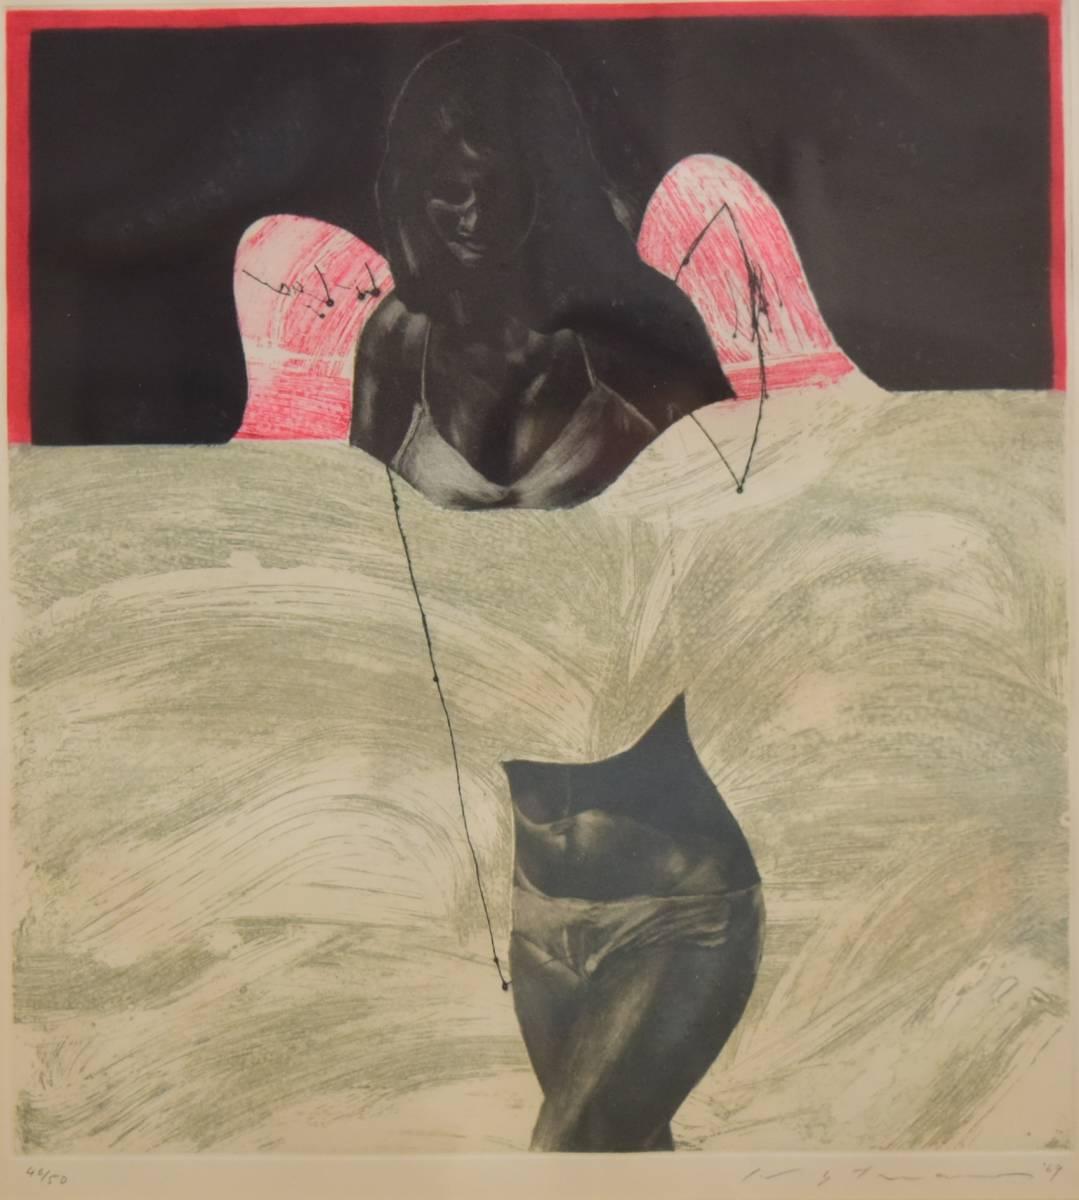 池田満寿夫 [歩む天使] 銅版画 1969年 真作_画像1